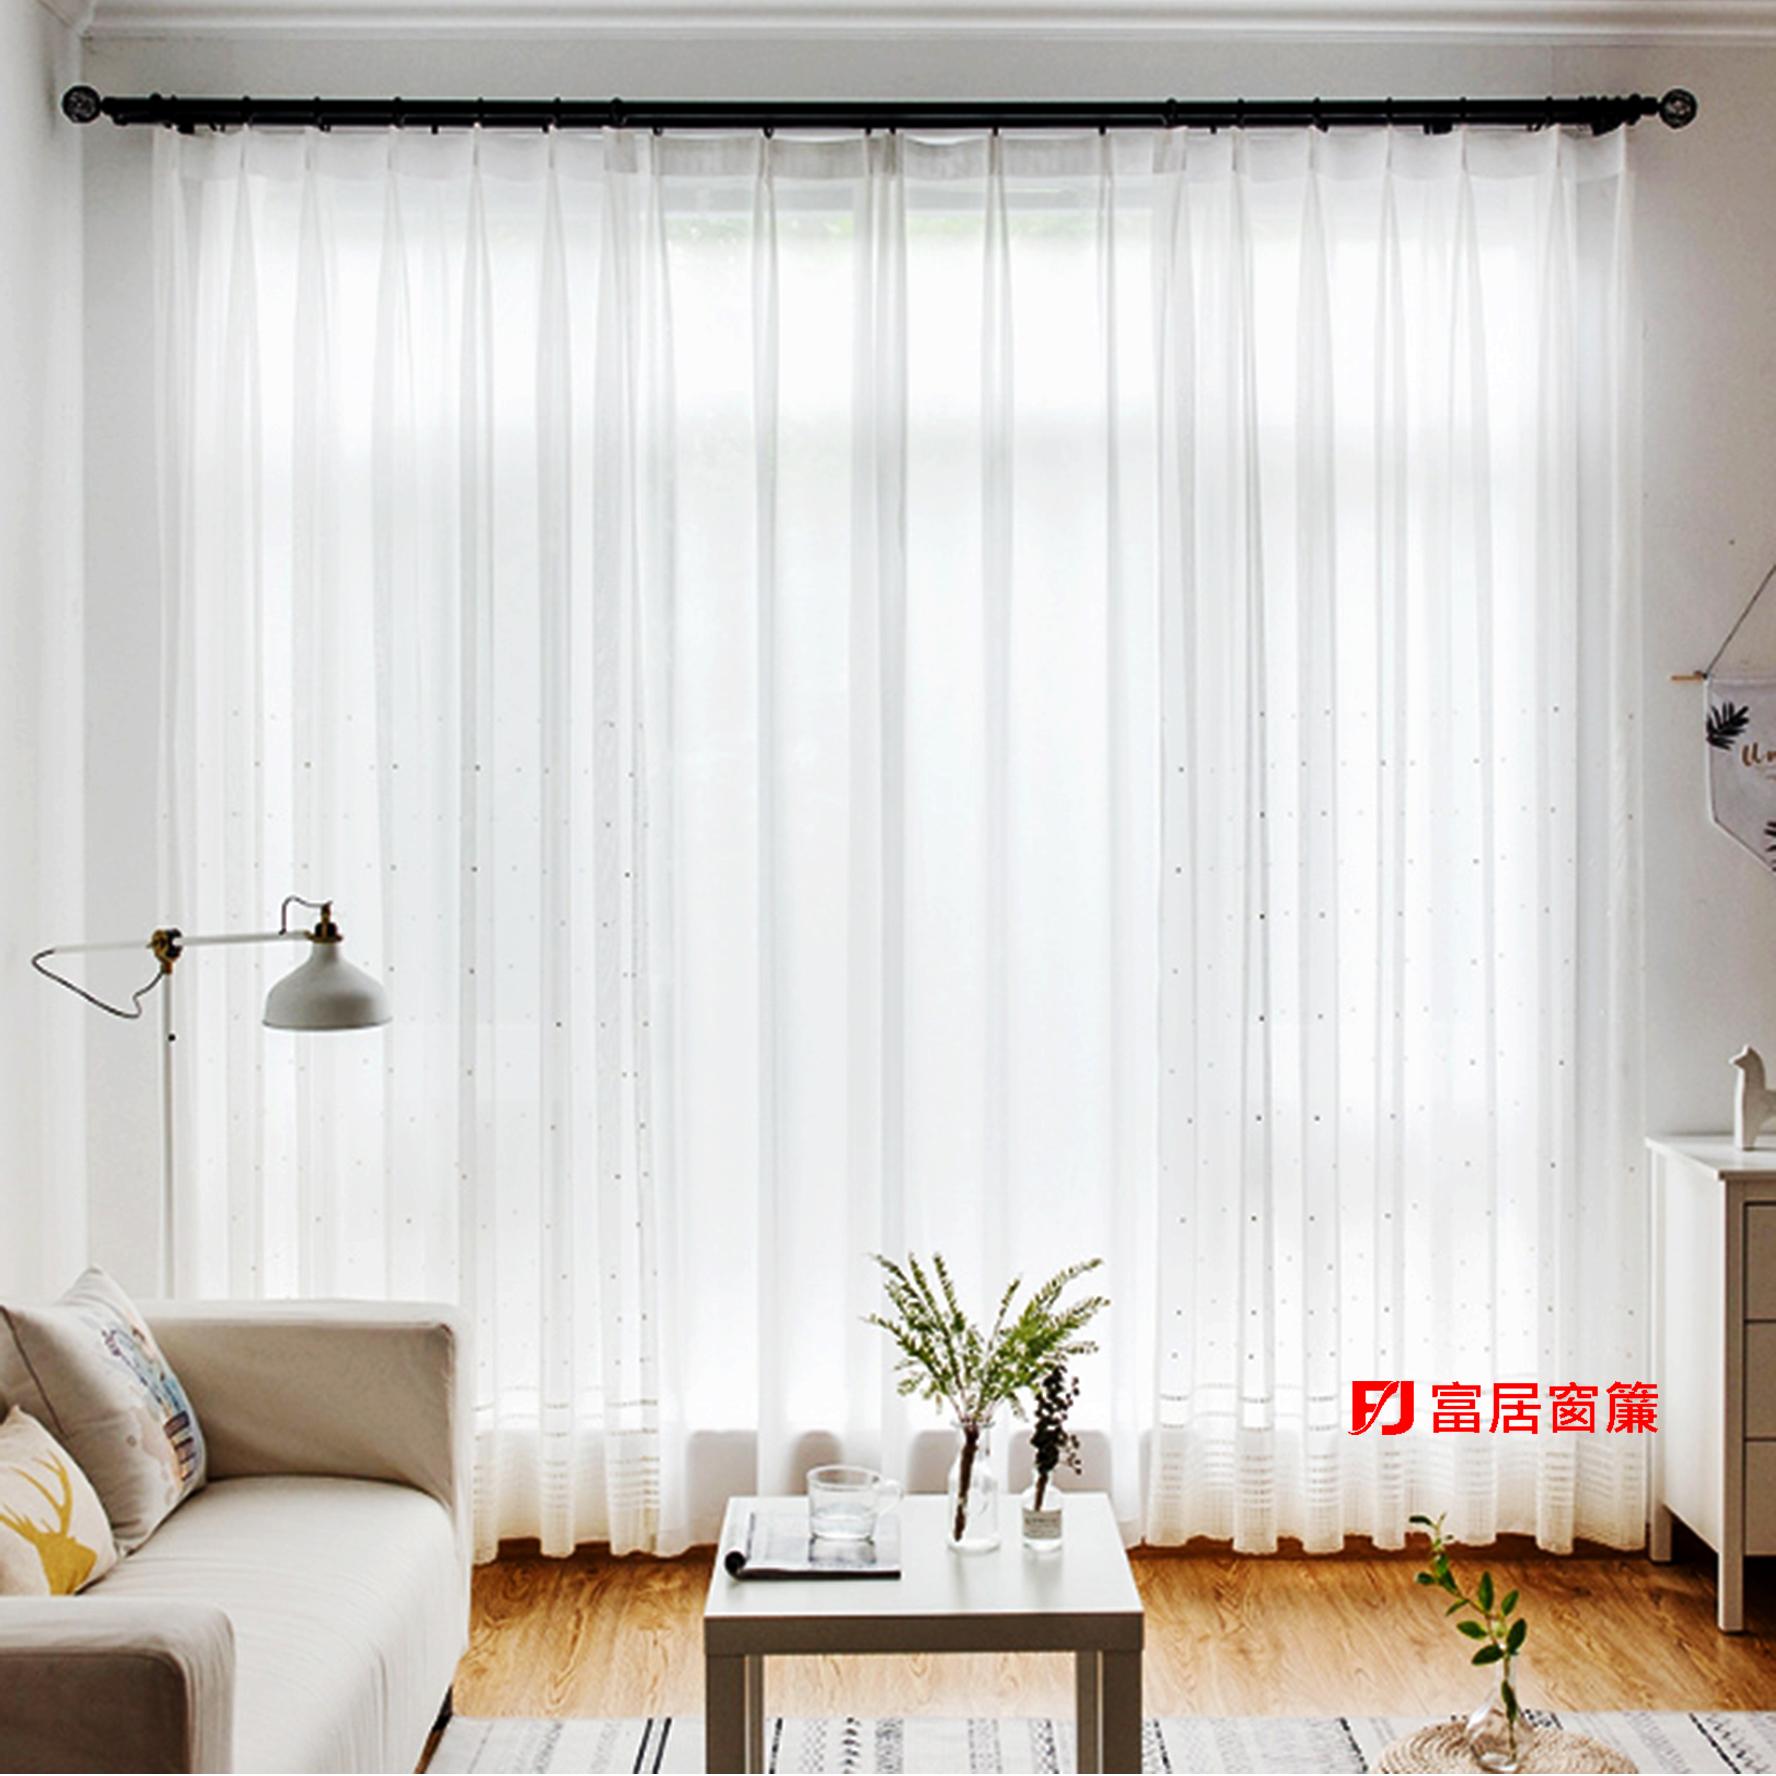 各式窗簾,拉門,壁紙,耐磨塑膠地板..